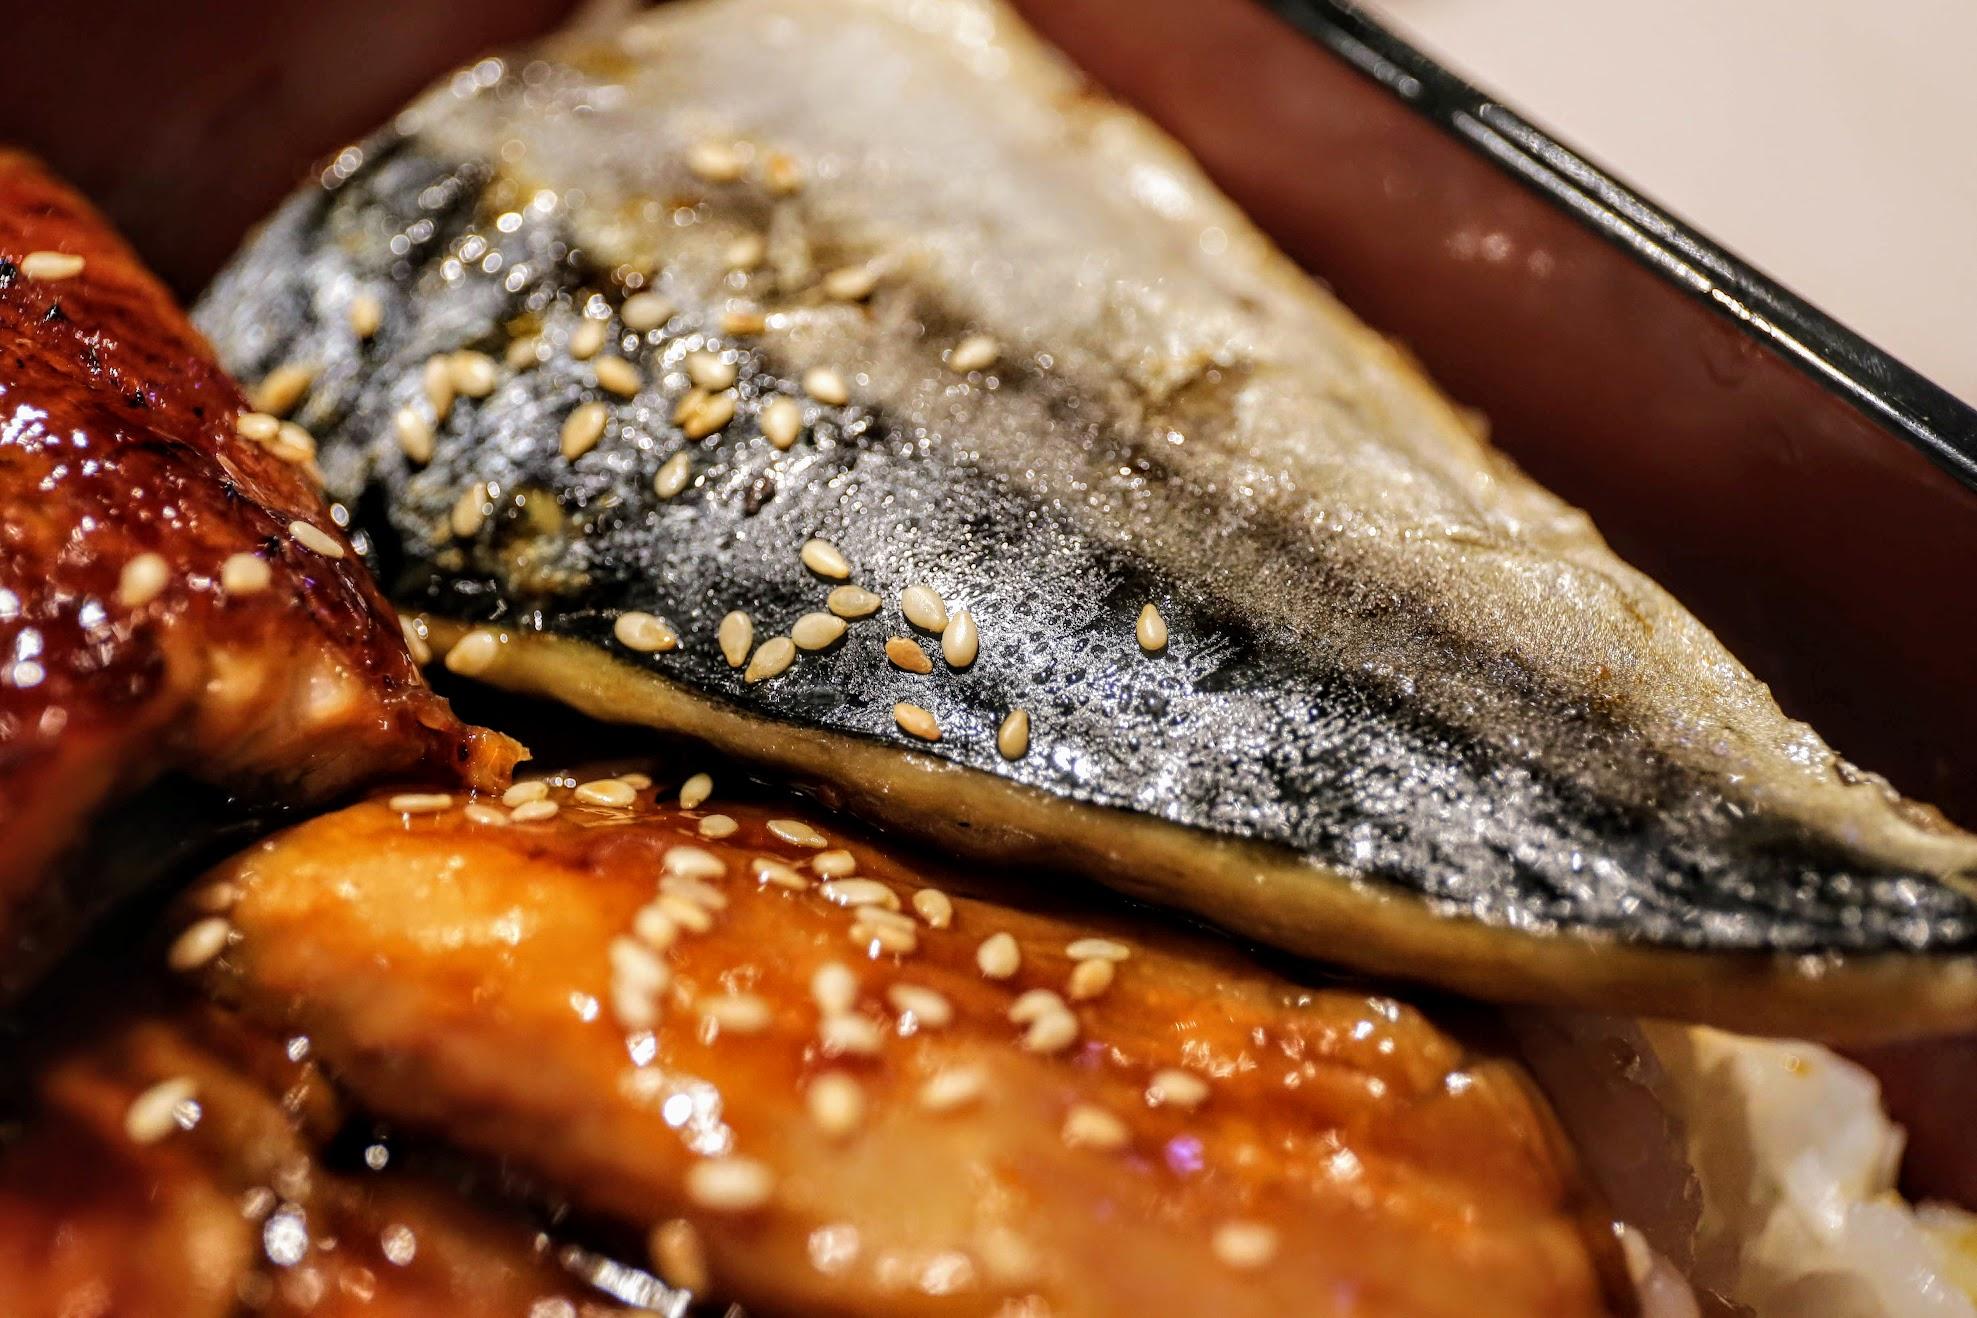 鯖魚沒有骨頭,帶著一點點鹹味